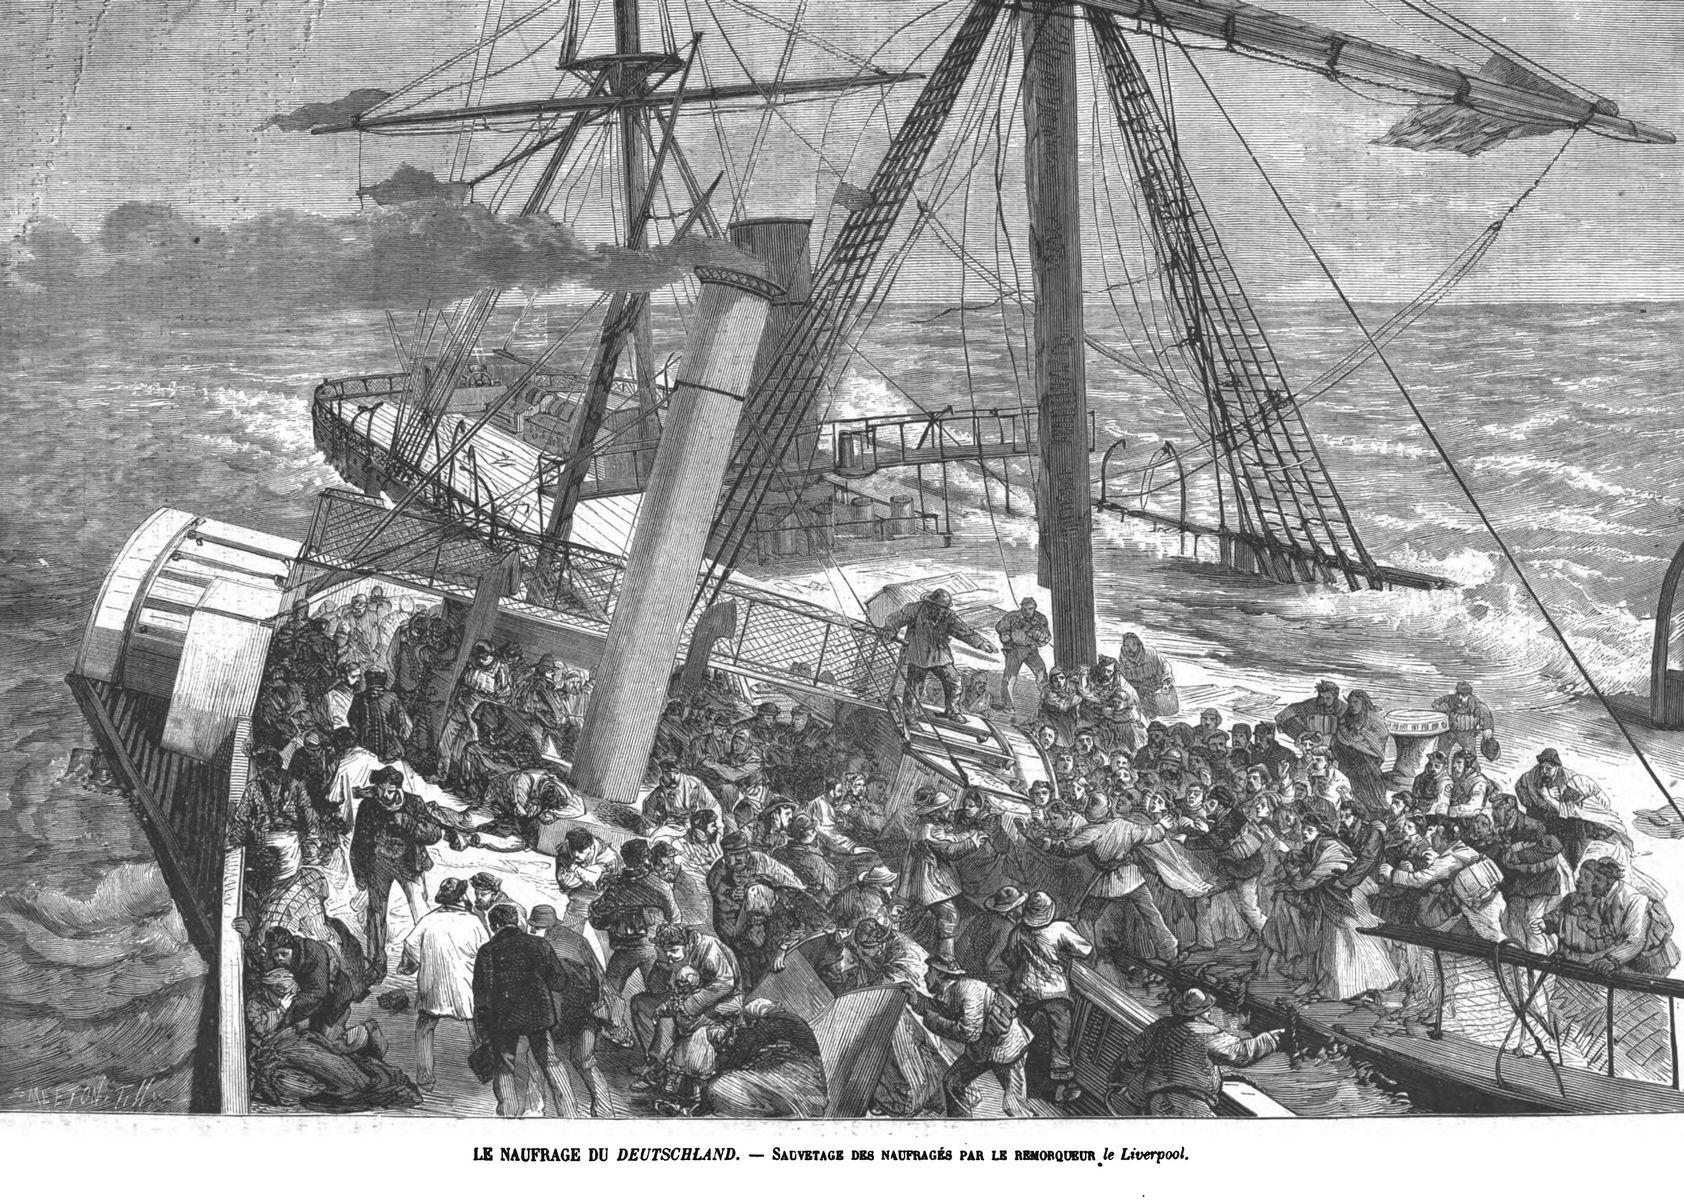 Le naufrage du Deutschand - Sauvetage des naufragés par le remorqueur le Liverpool. 1875